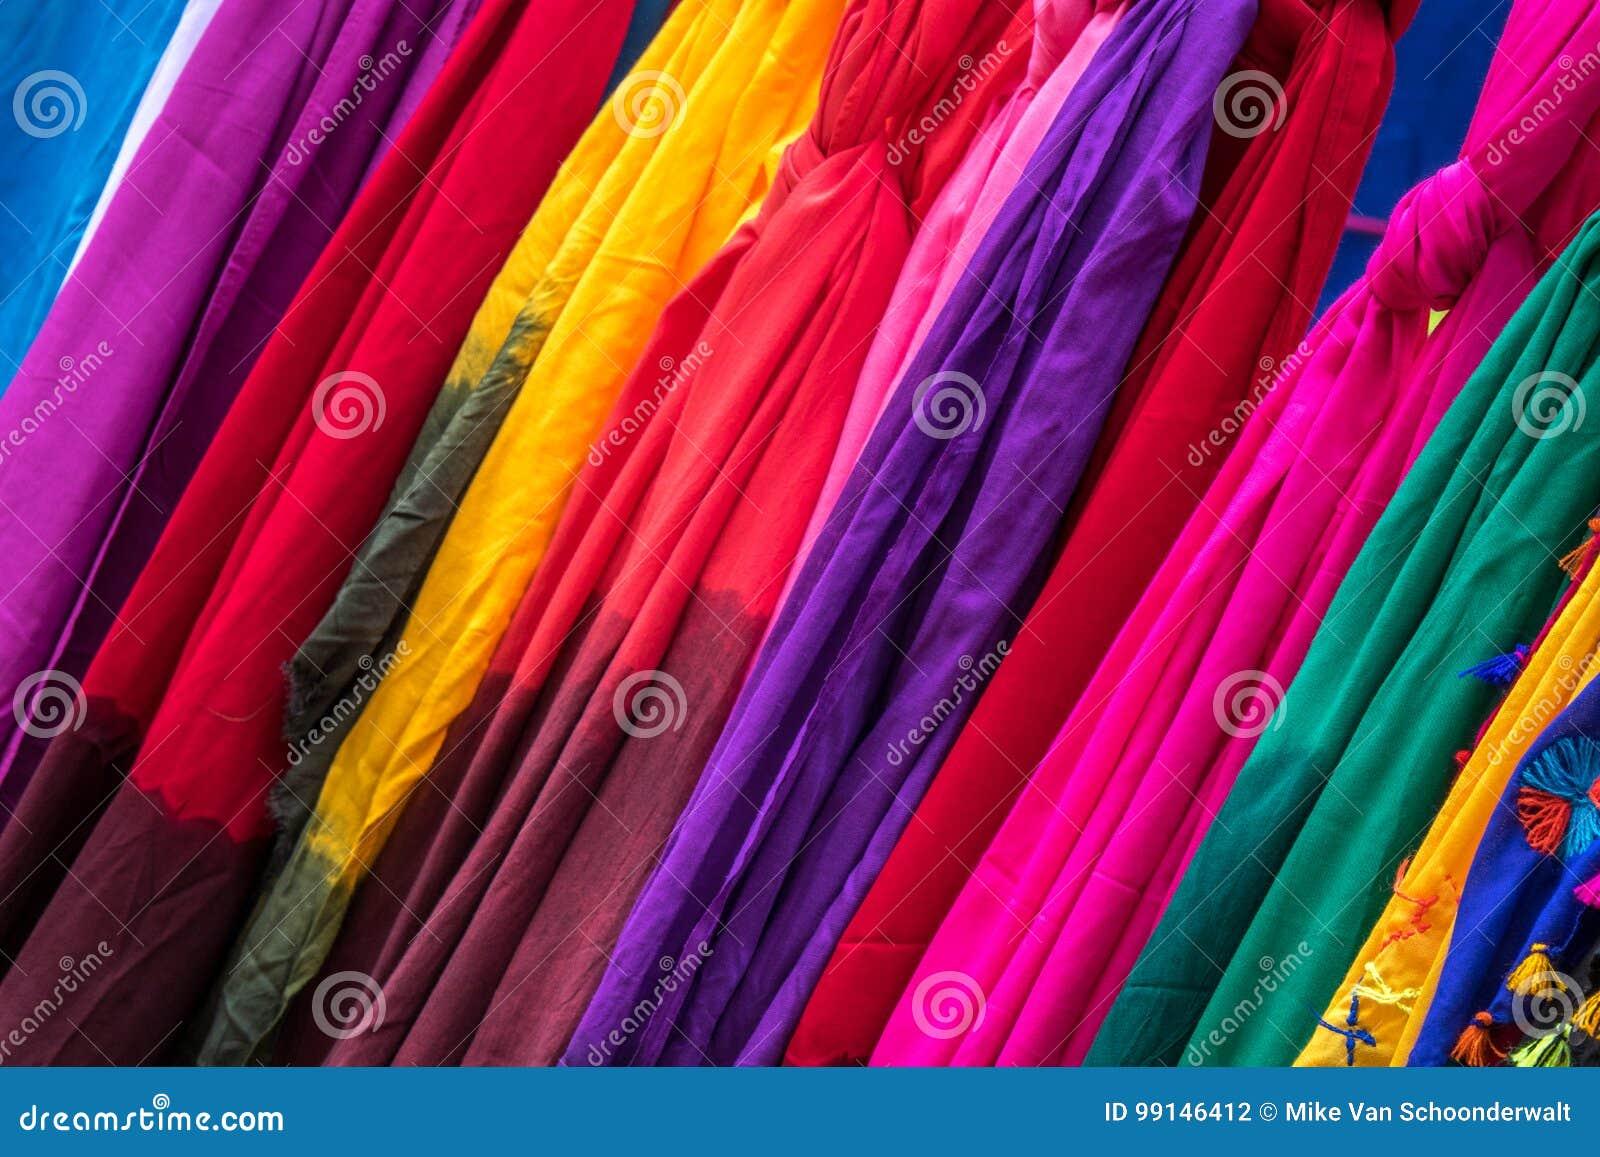 Gekleurde stof